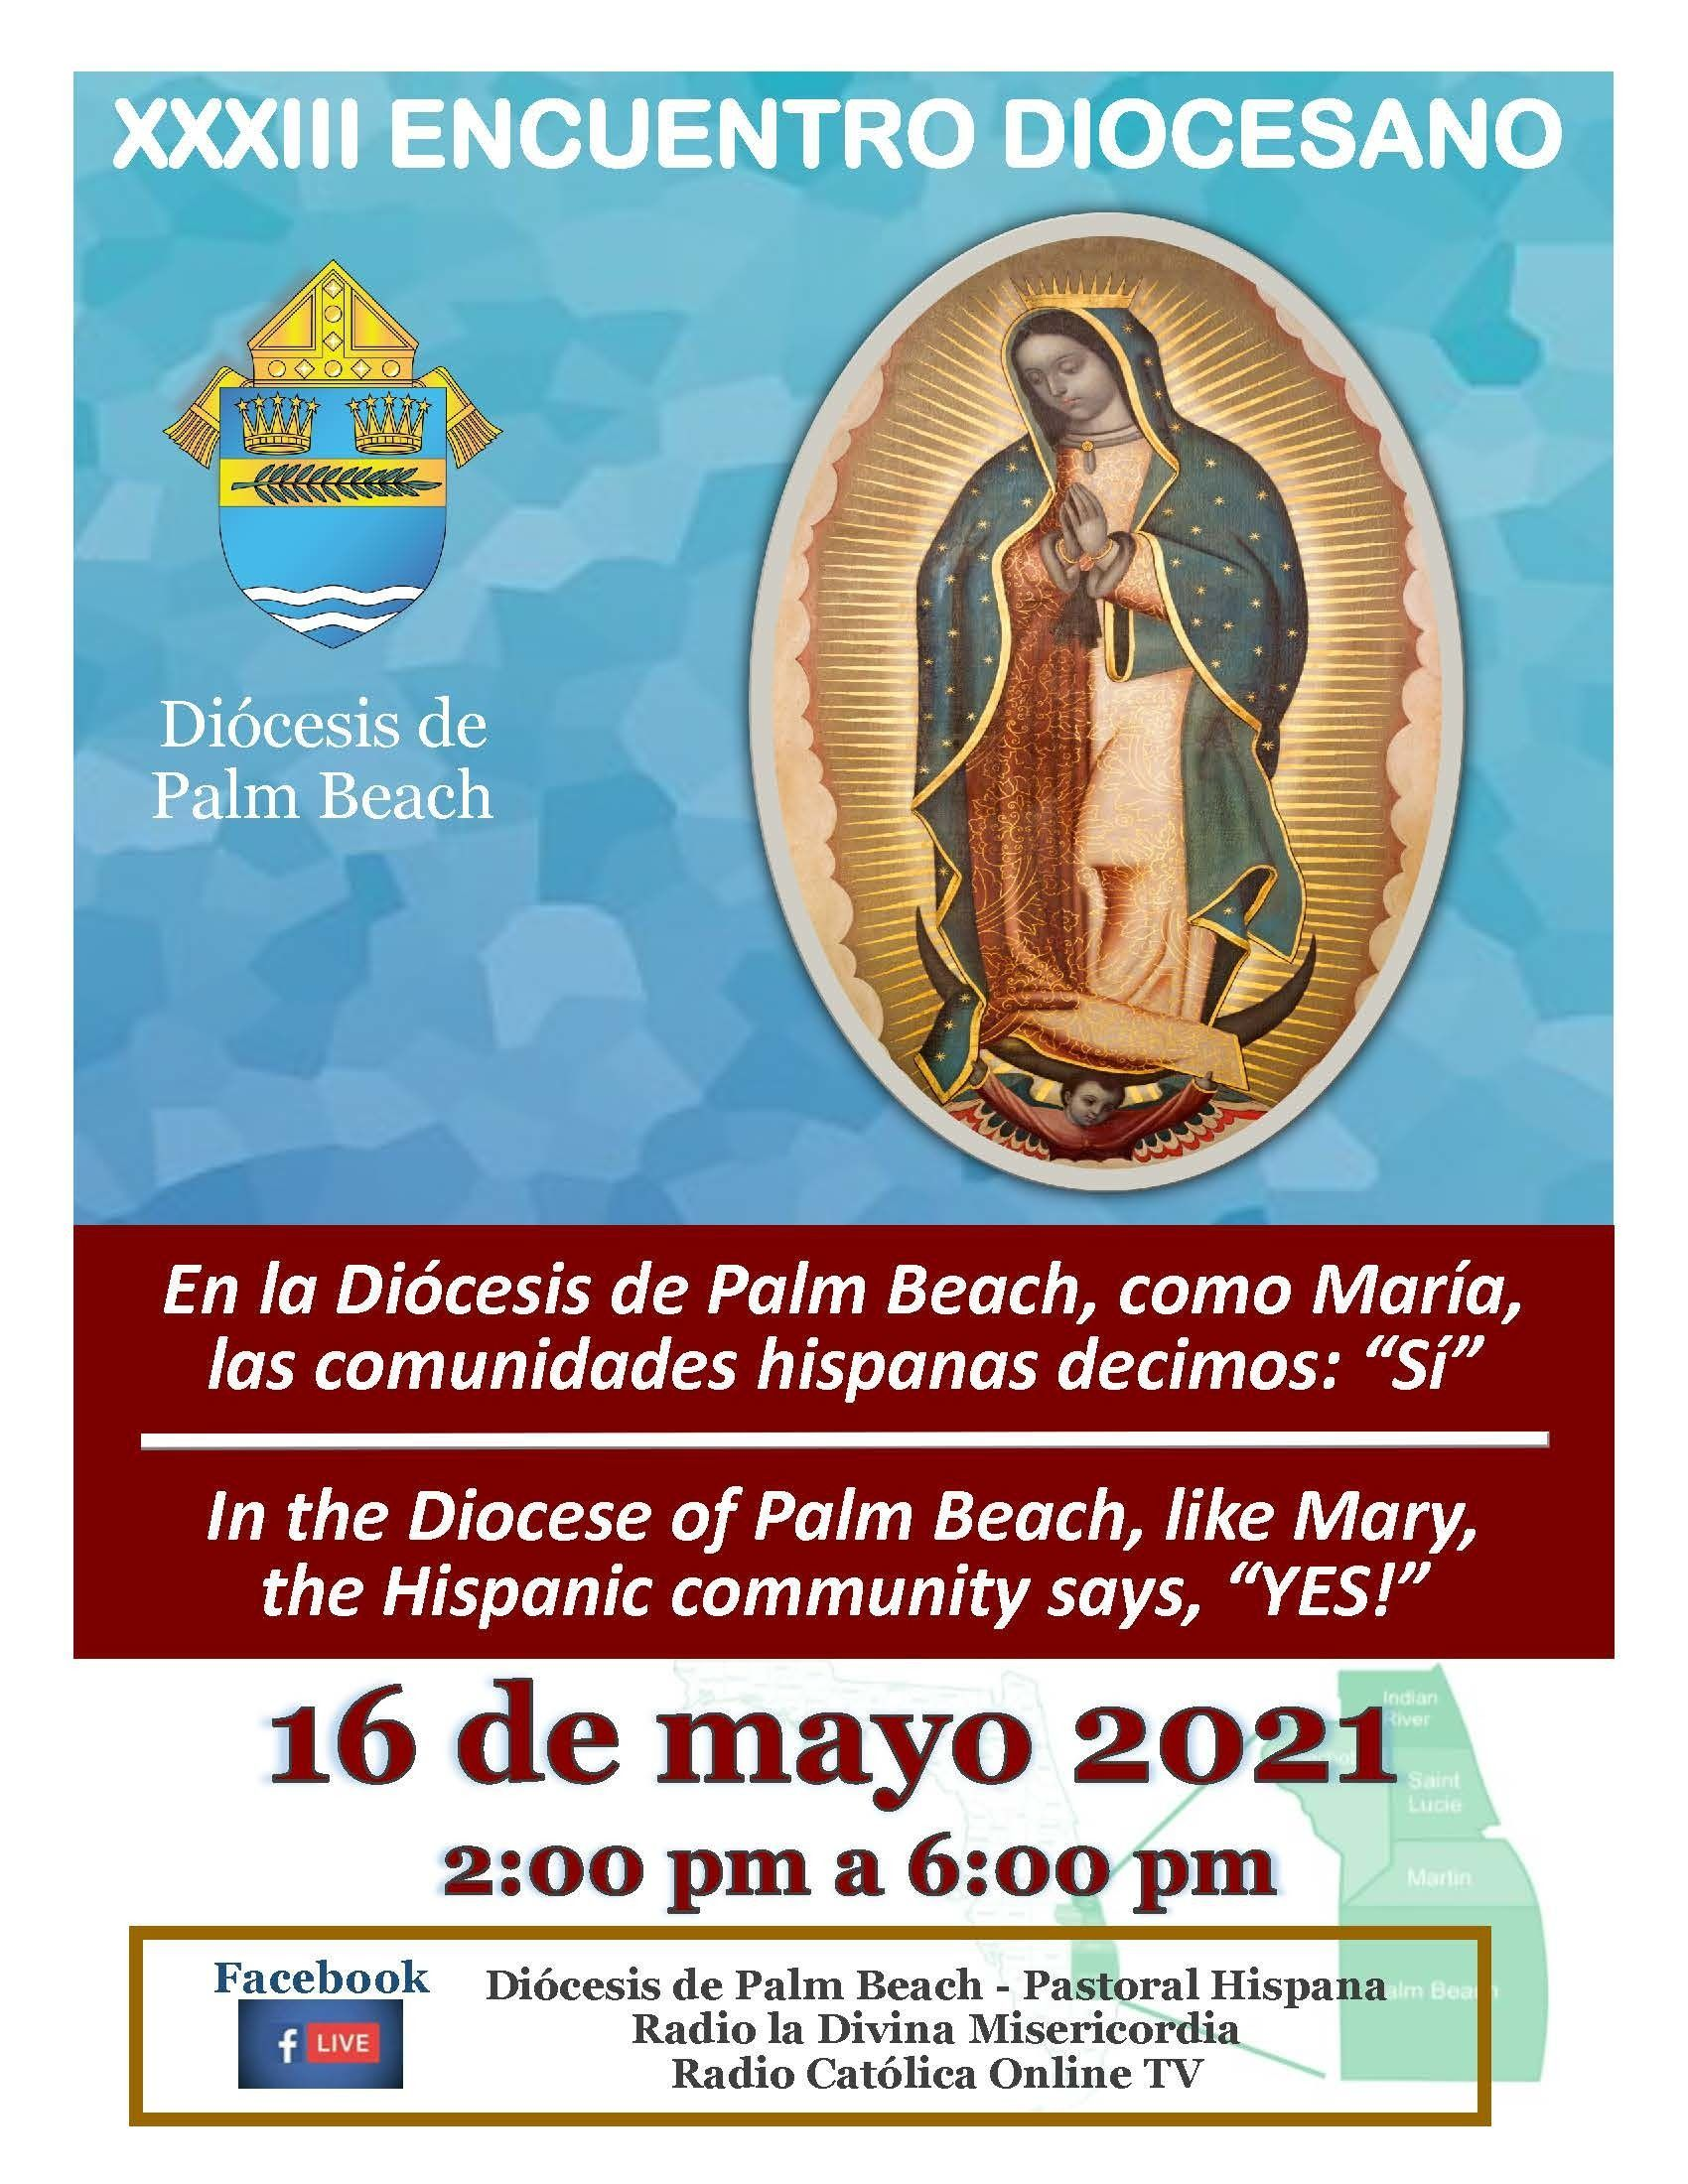 XXXIII Encuentro Diocesano